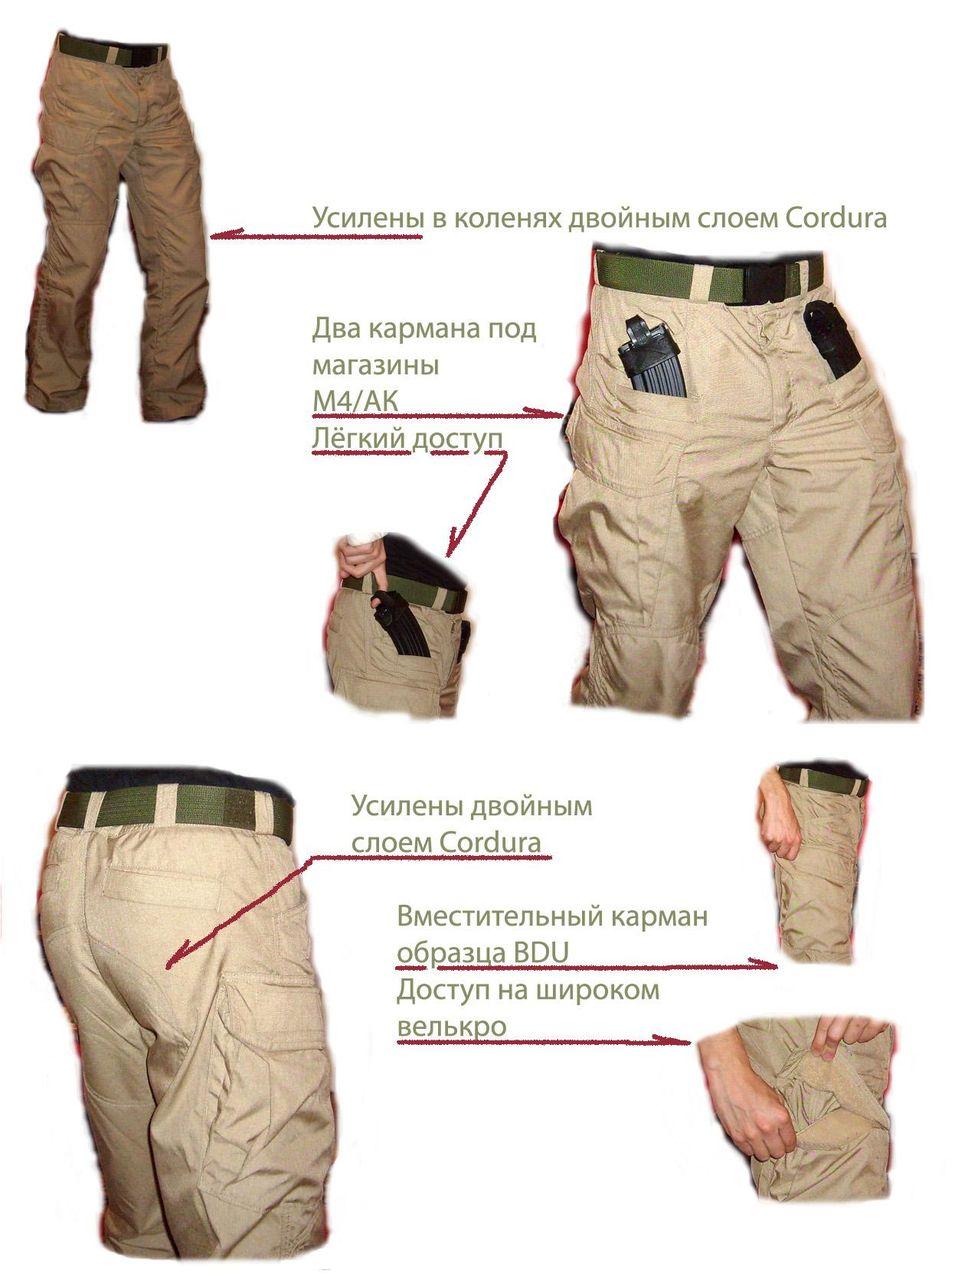 Тактические брюки своими руками 55